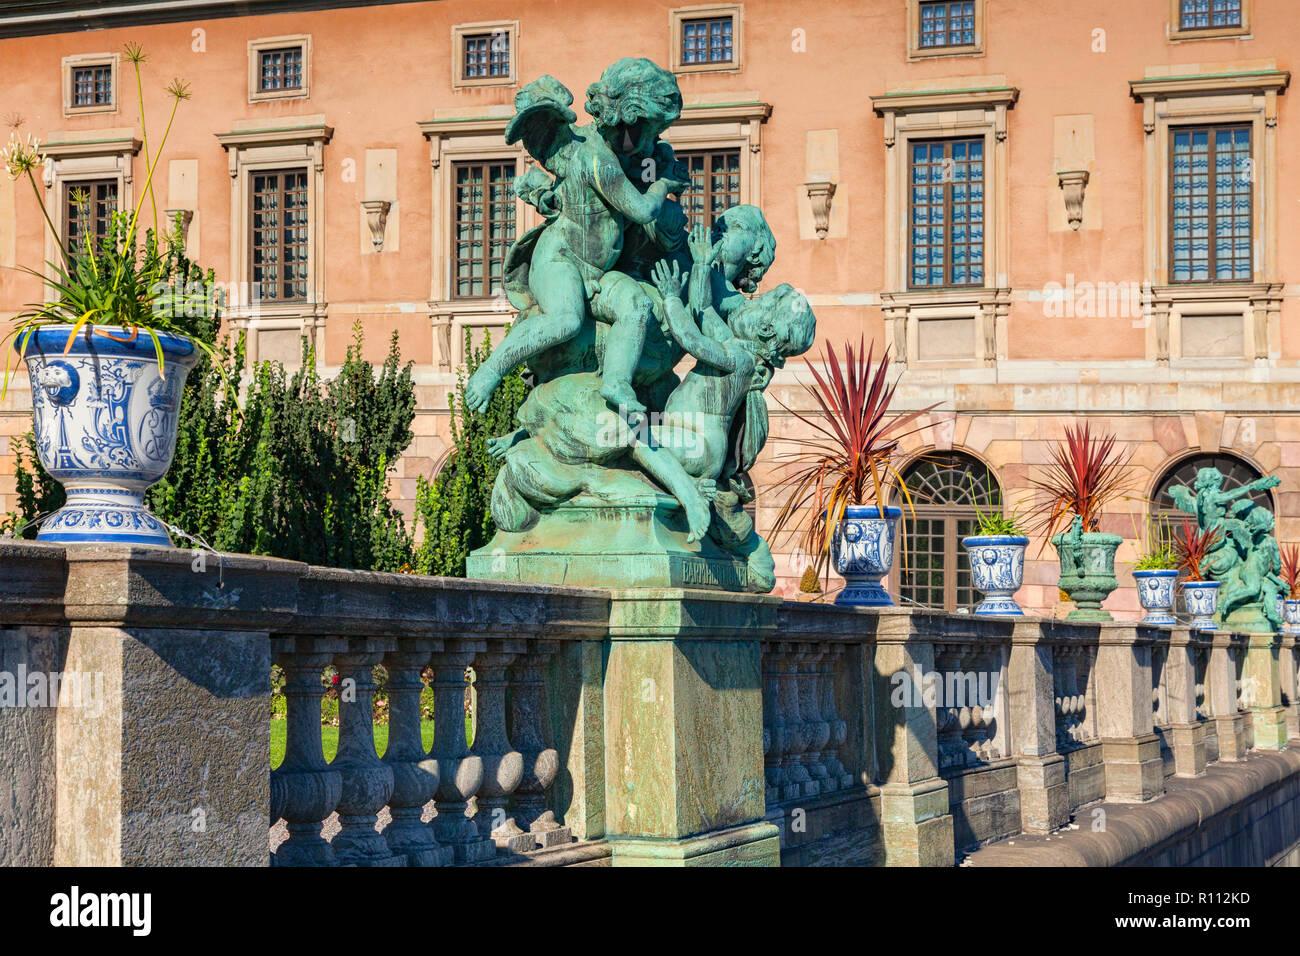 16. September 2018: Stockholm, Schweden - Details der Balustrade im Royal Palace, mit Urnen voller Pflanzen und einen cherub Skulptur. Stockbild